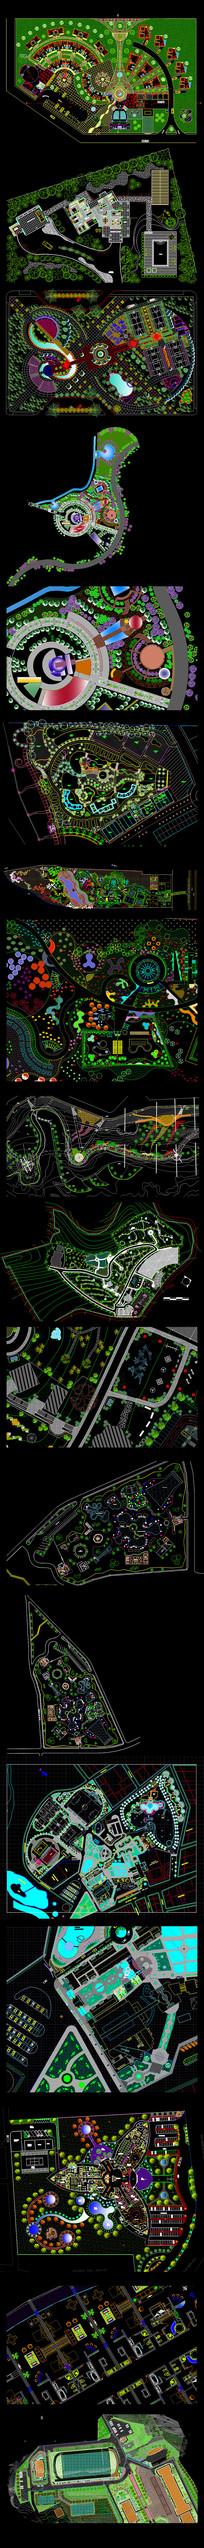 风景度假区CAD图纸(之一)